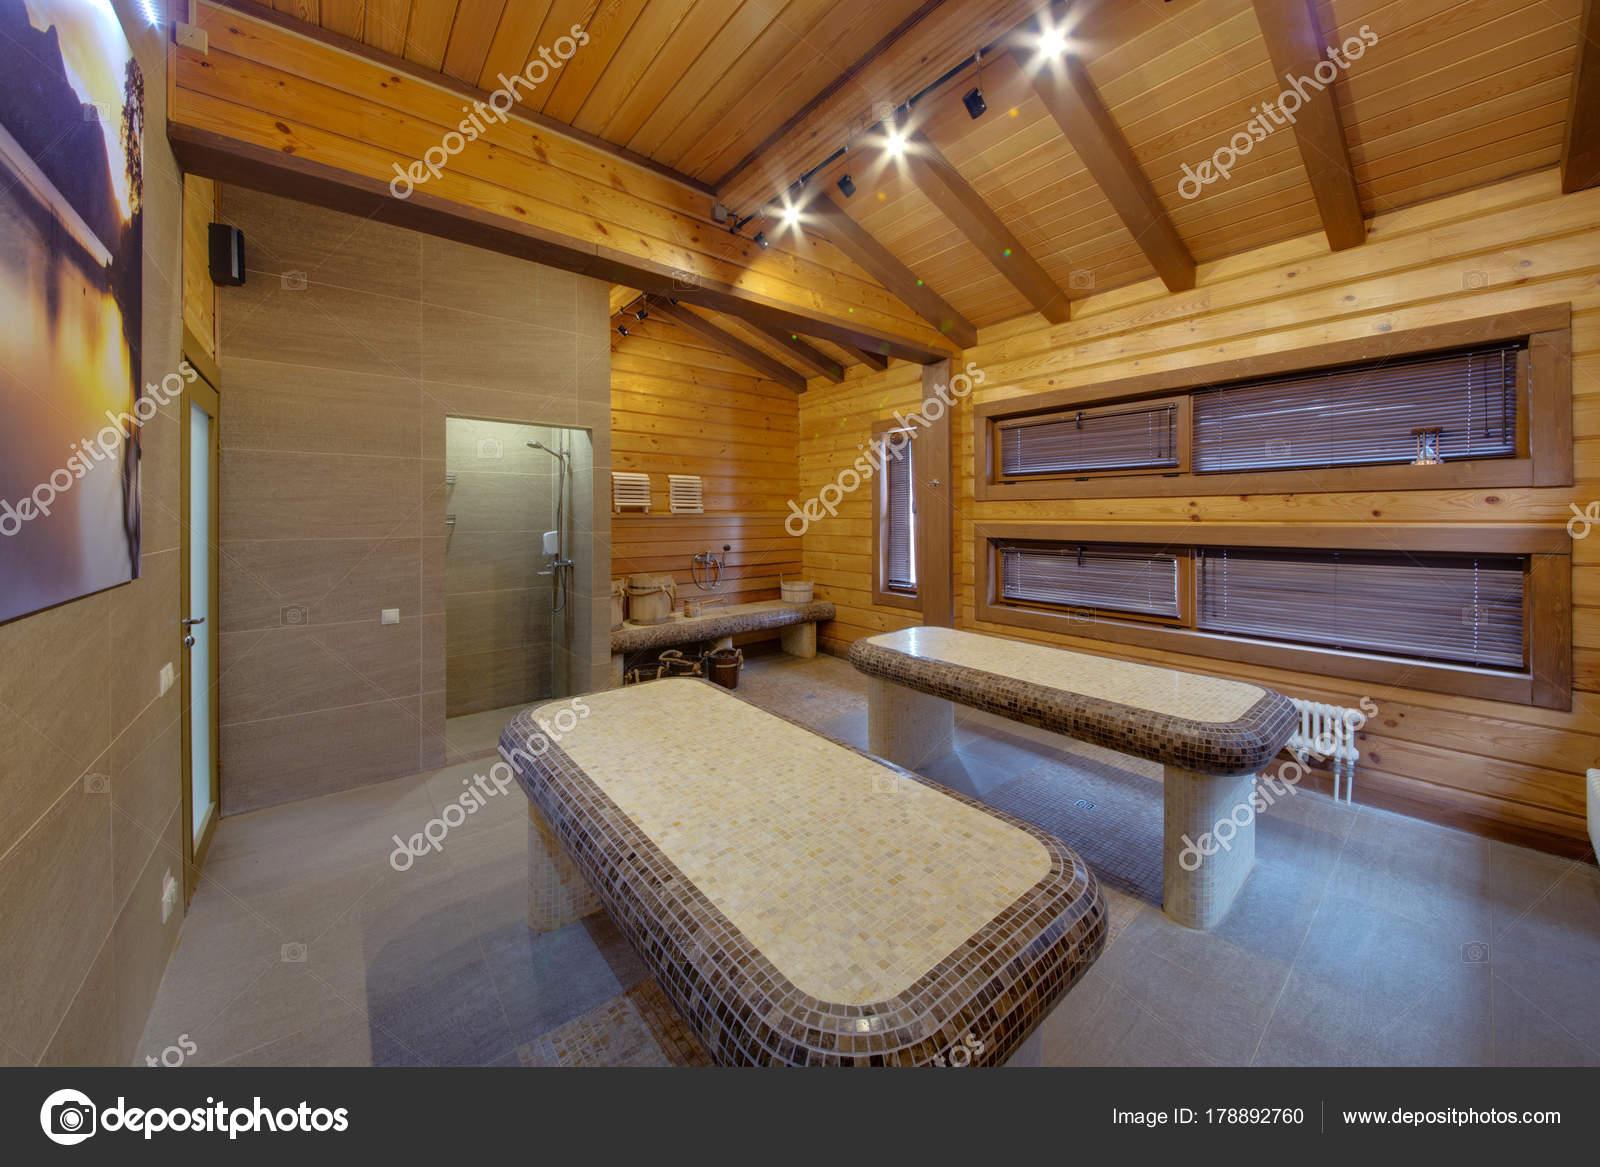 Mesas Con Calefaccin Para Masaje Interior Con Techos Altos Madera